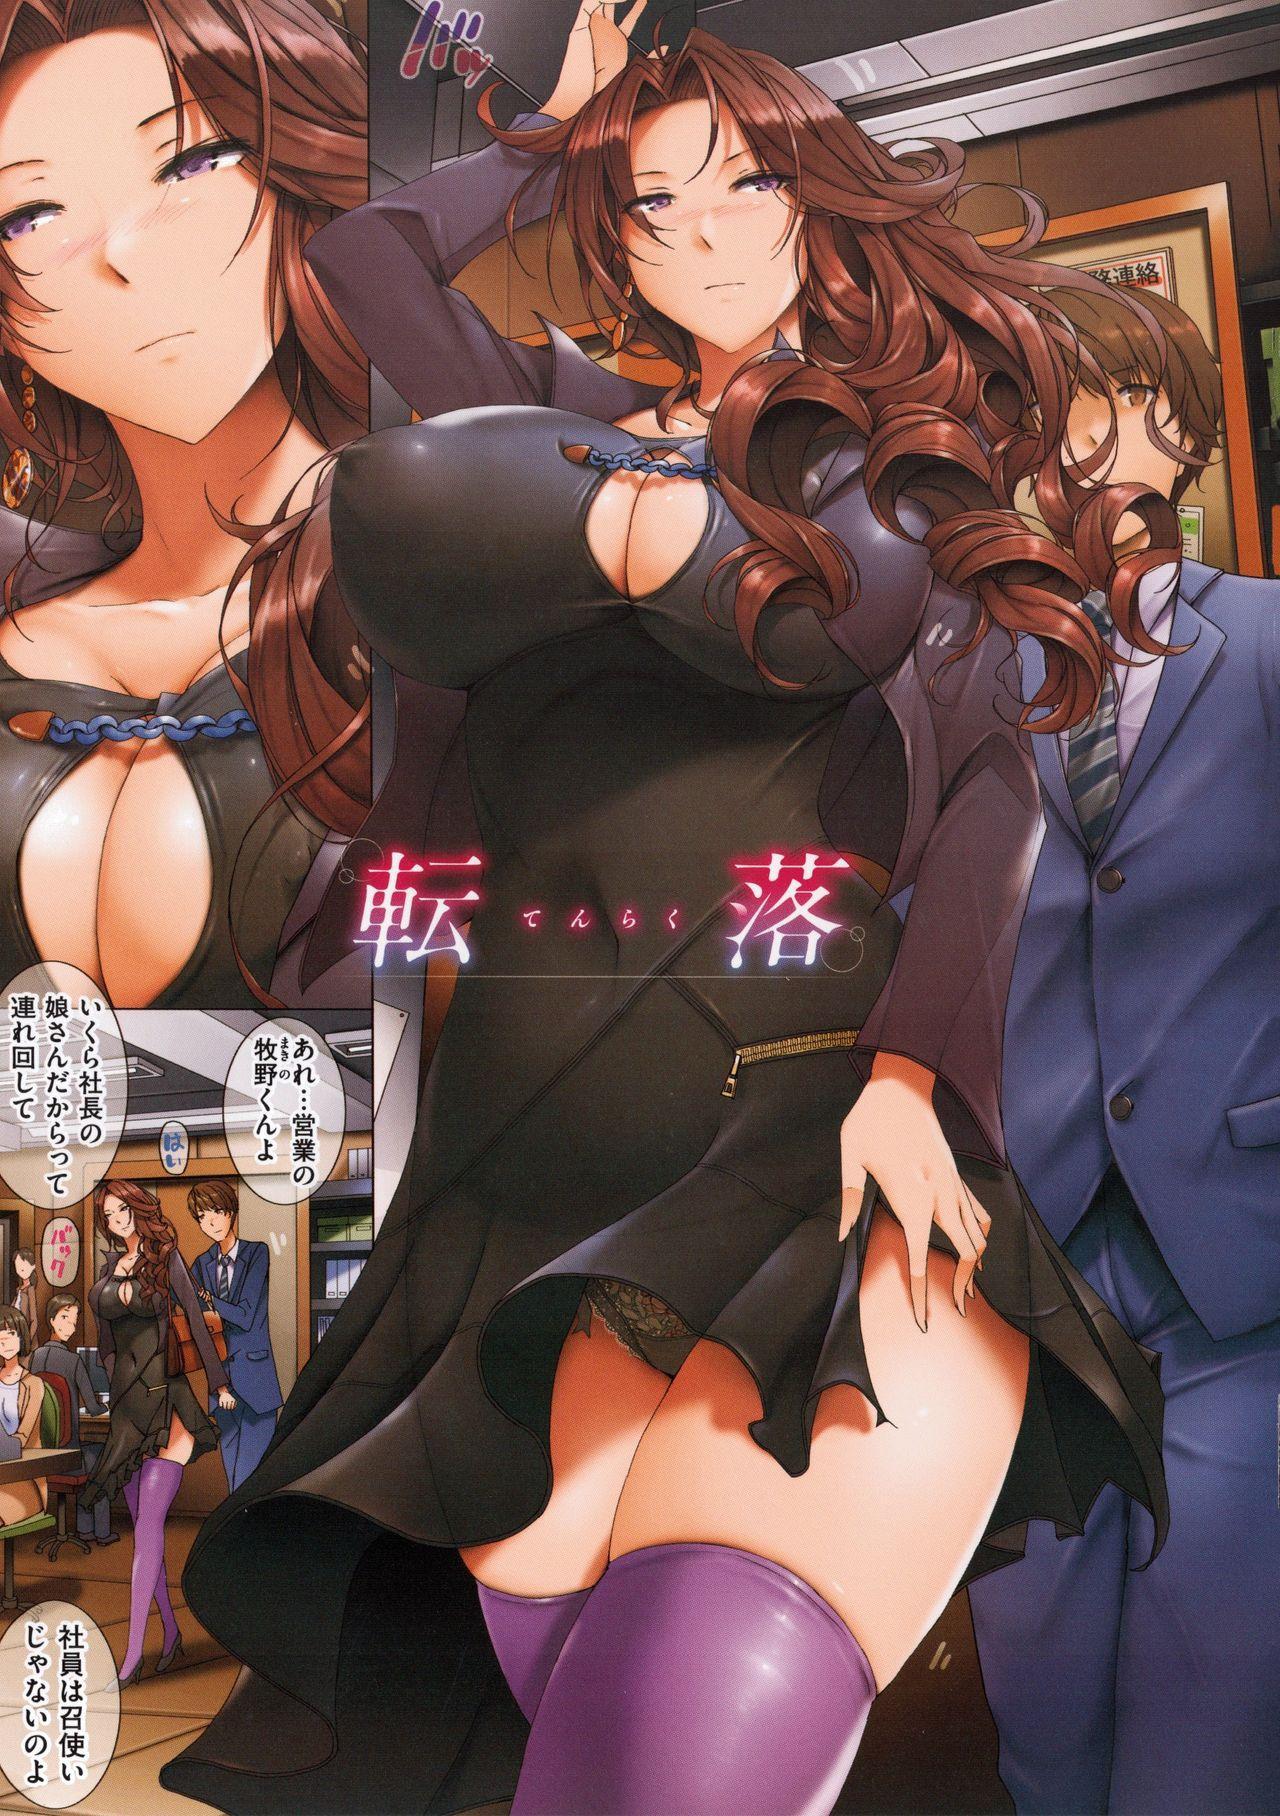 Musaboru Onna - Deeply Desire of Nasty Women 7